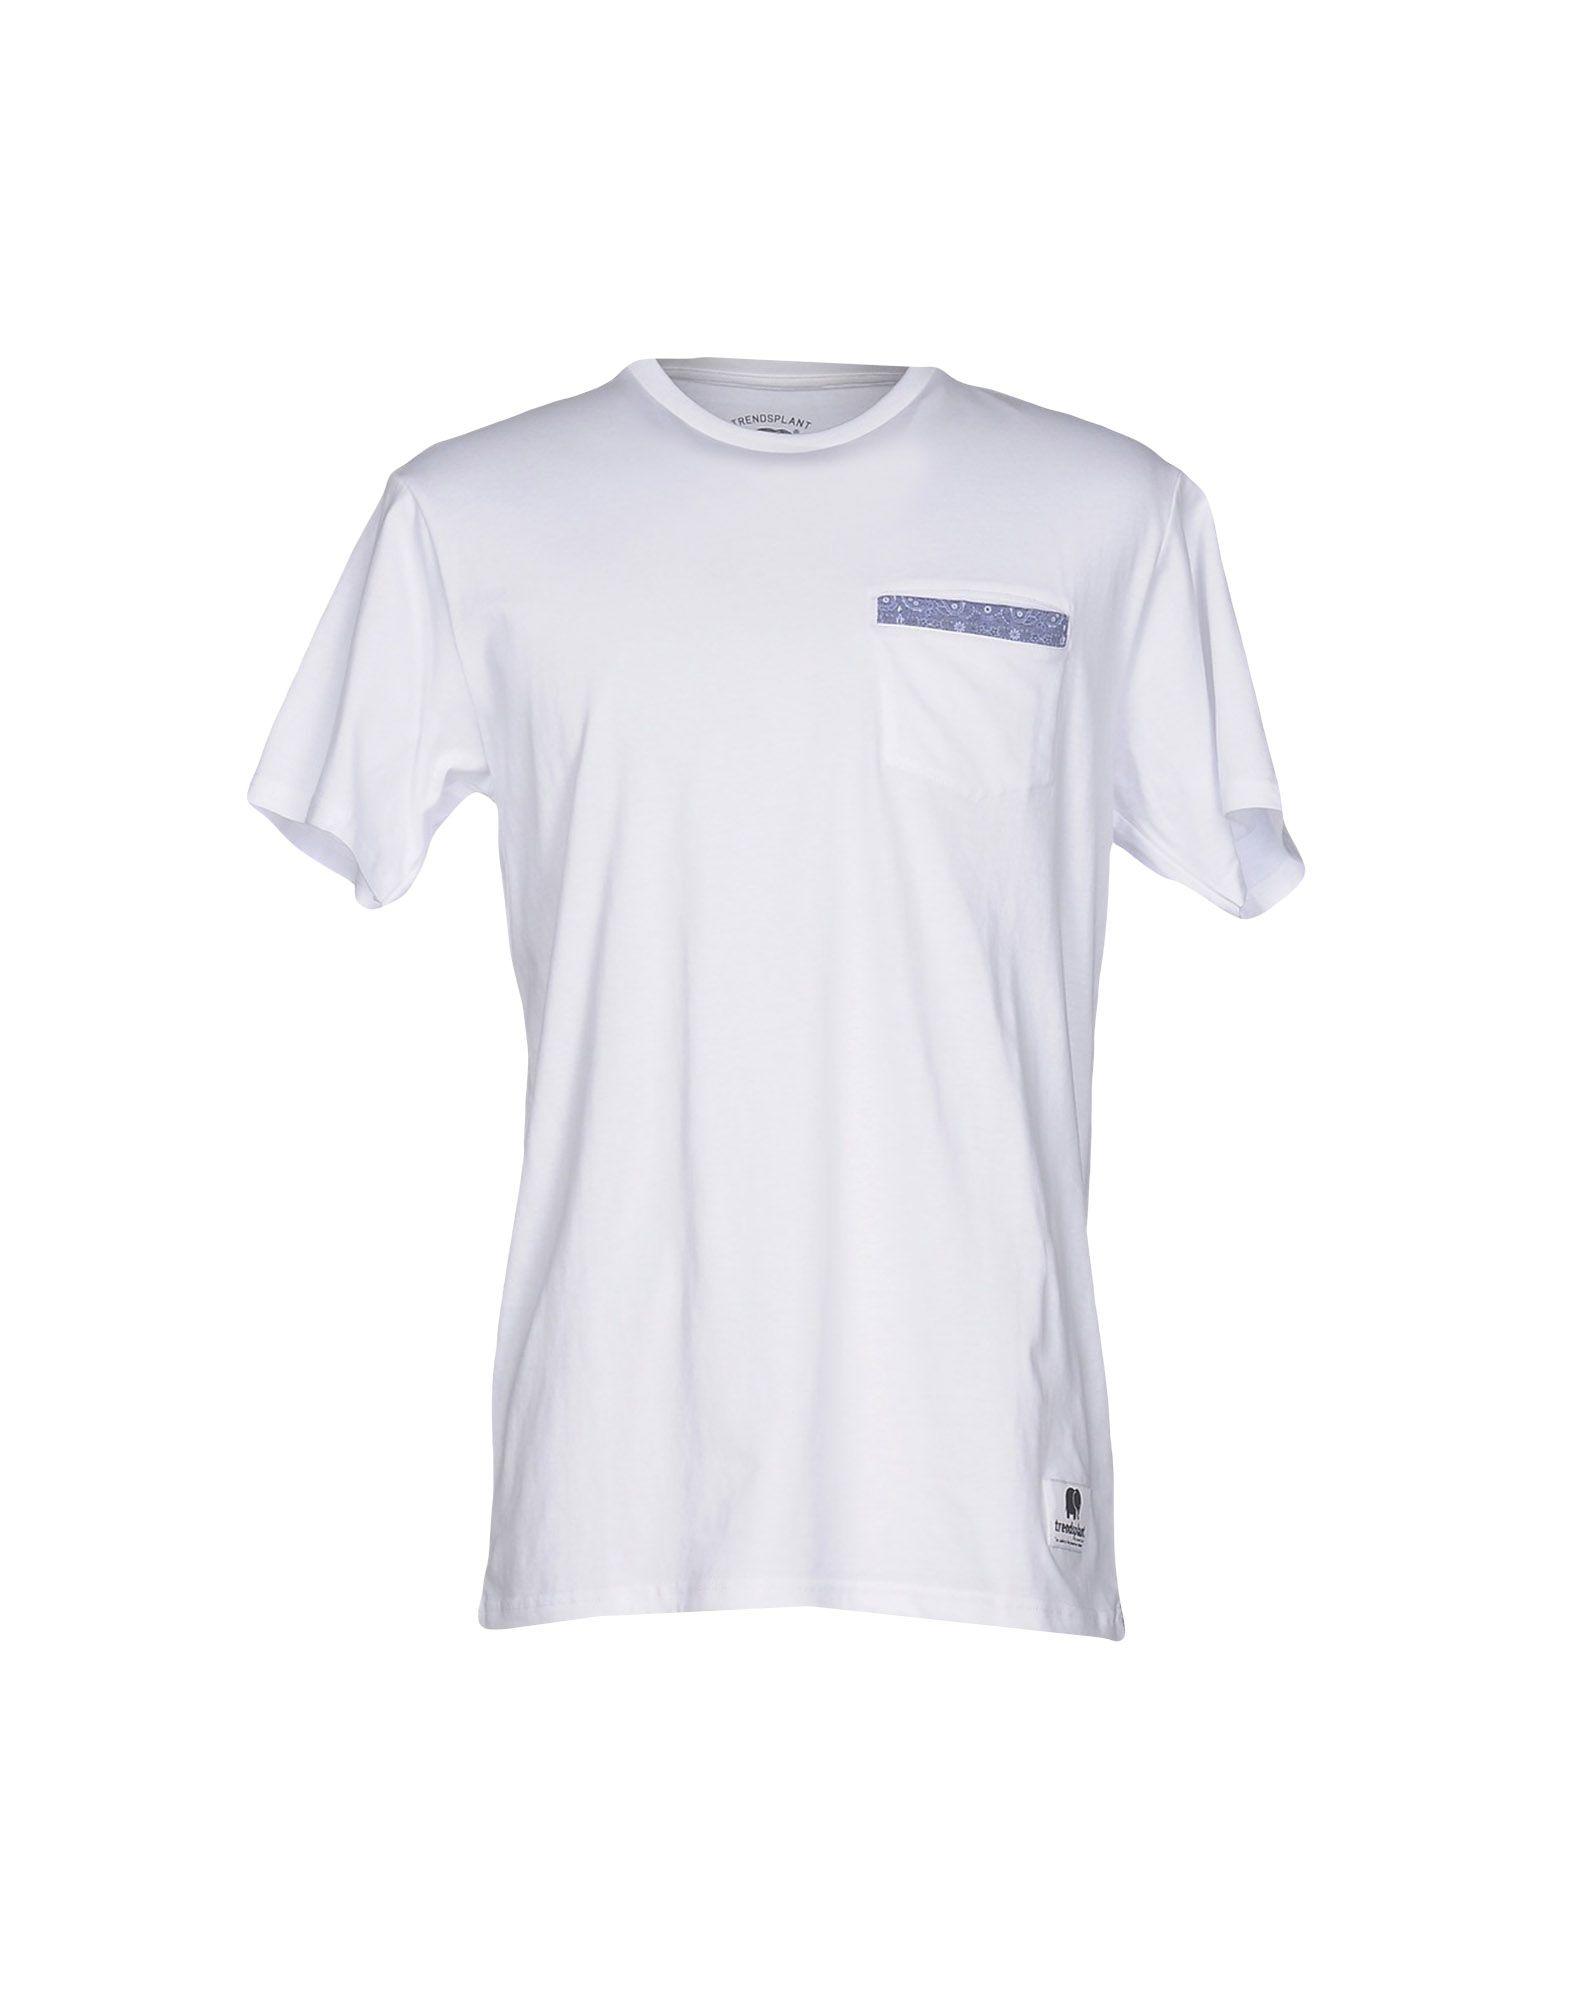 A buon mercato A buon mercato mercato buon T-Shirt Trendsplant Uomo - 12015151HR 1195aa